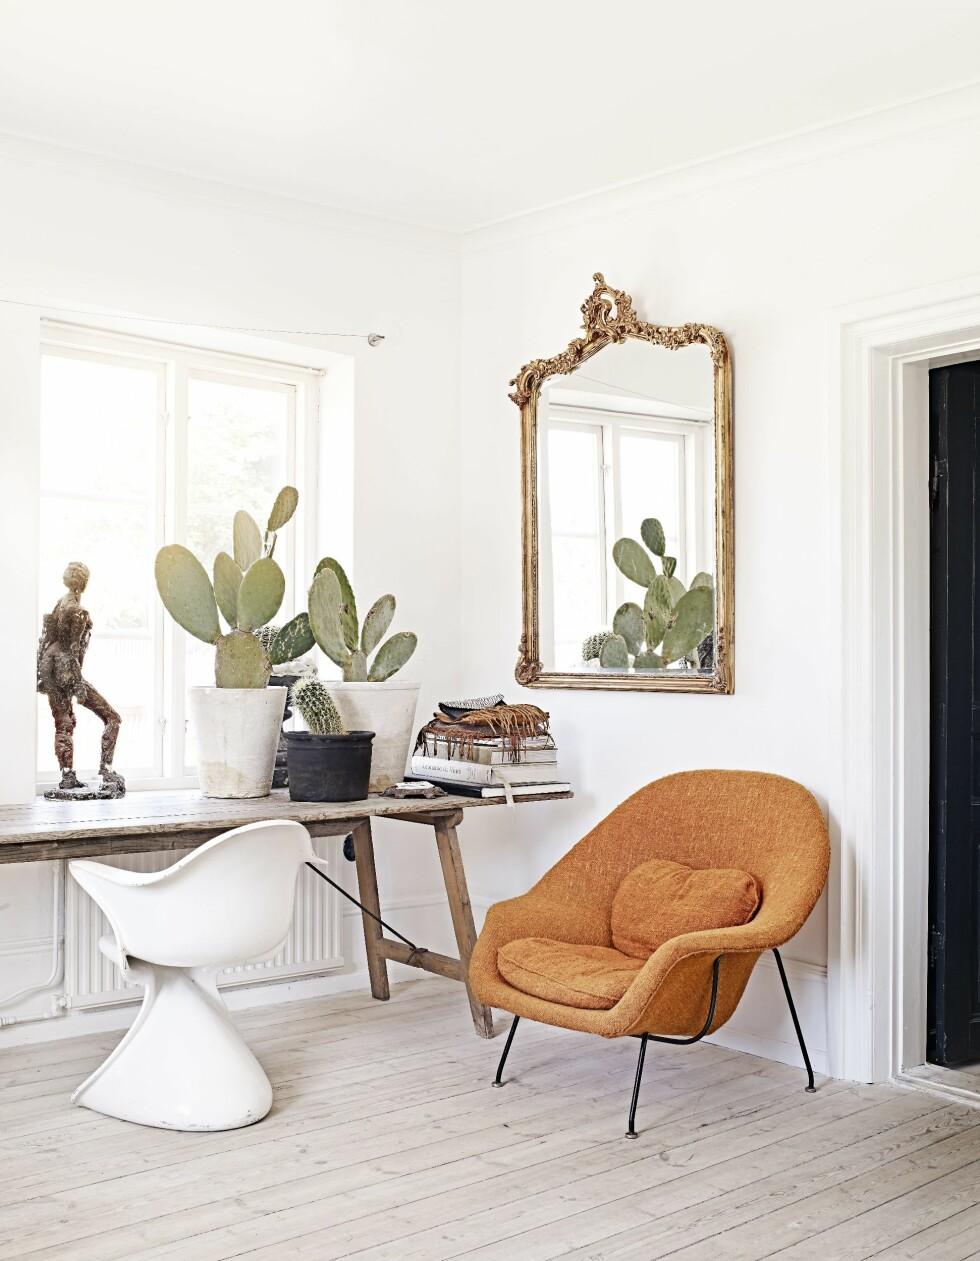 Den oransje stolen er en original Saarinen fra 40-tallet. Speilet er kjøpt på auksjon. Marie elsker kaktuser, hun påstår hun mangler grønne fingre. Skulpturen i vinduet kjøpte hun i et slott i Skåne. Den ble prutet ned fra 2500 til den ynkelige 500-lappen som var det eneste Marie hadde i lommeboken... Foto: Sara Svenningrud